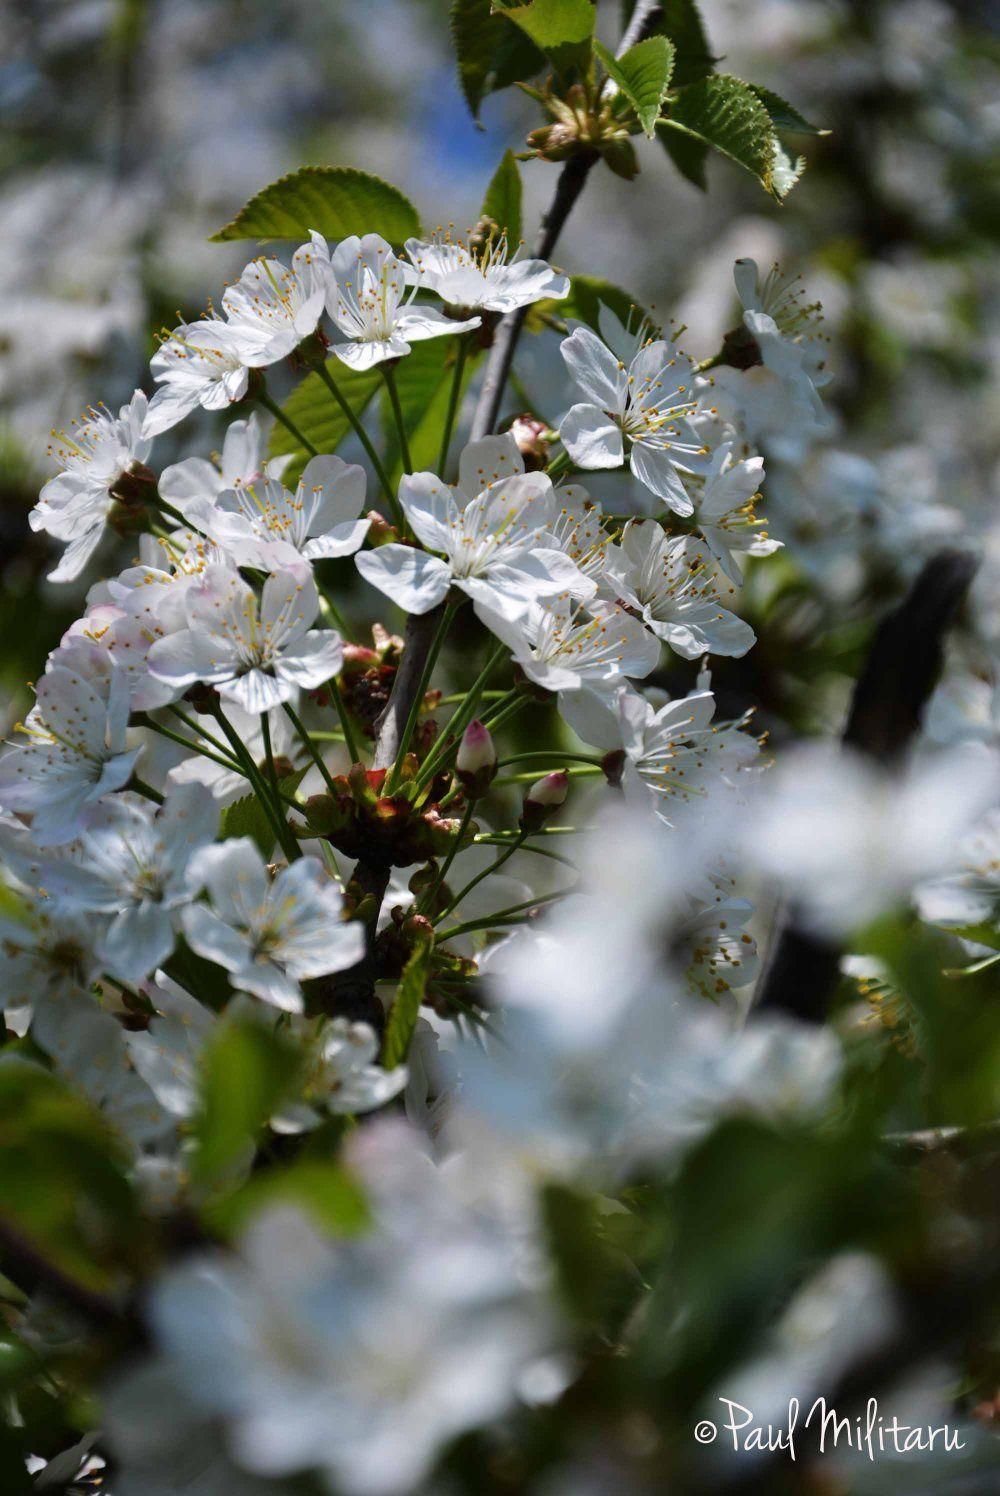 100 Tree With White Flowers That Smell Good Ok Sevdm Ekler